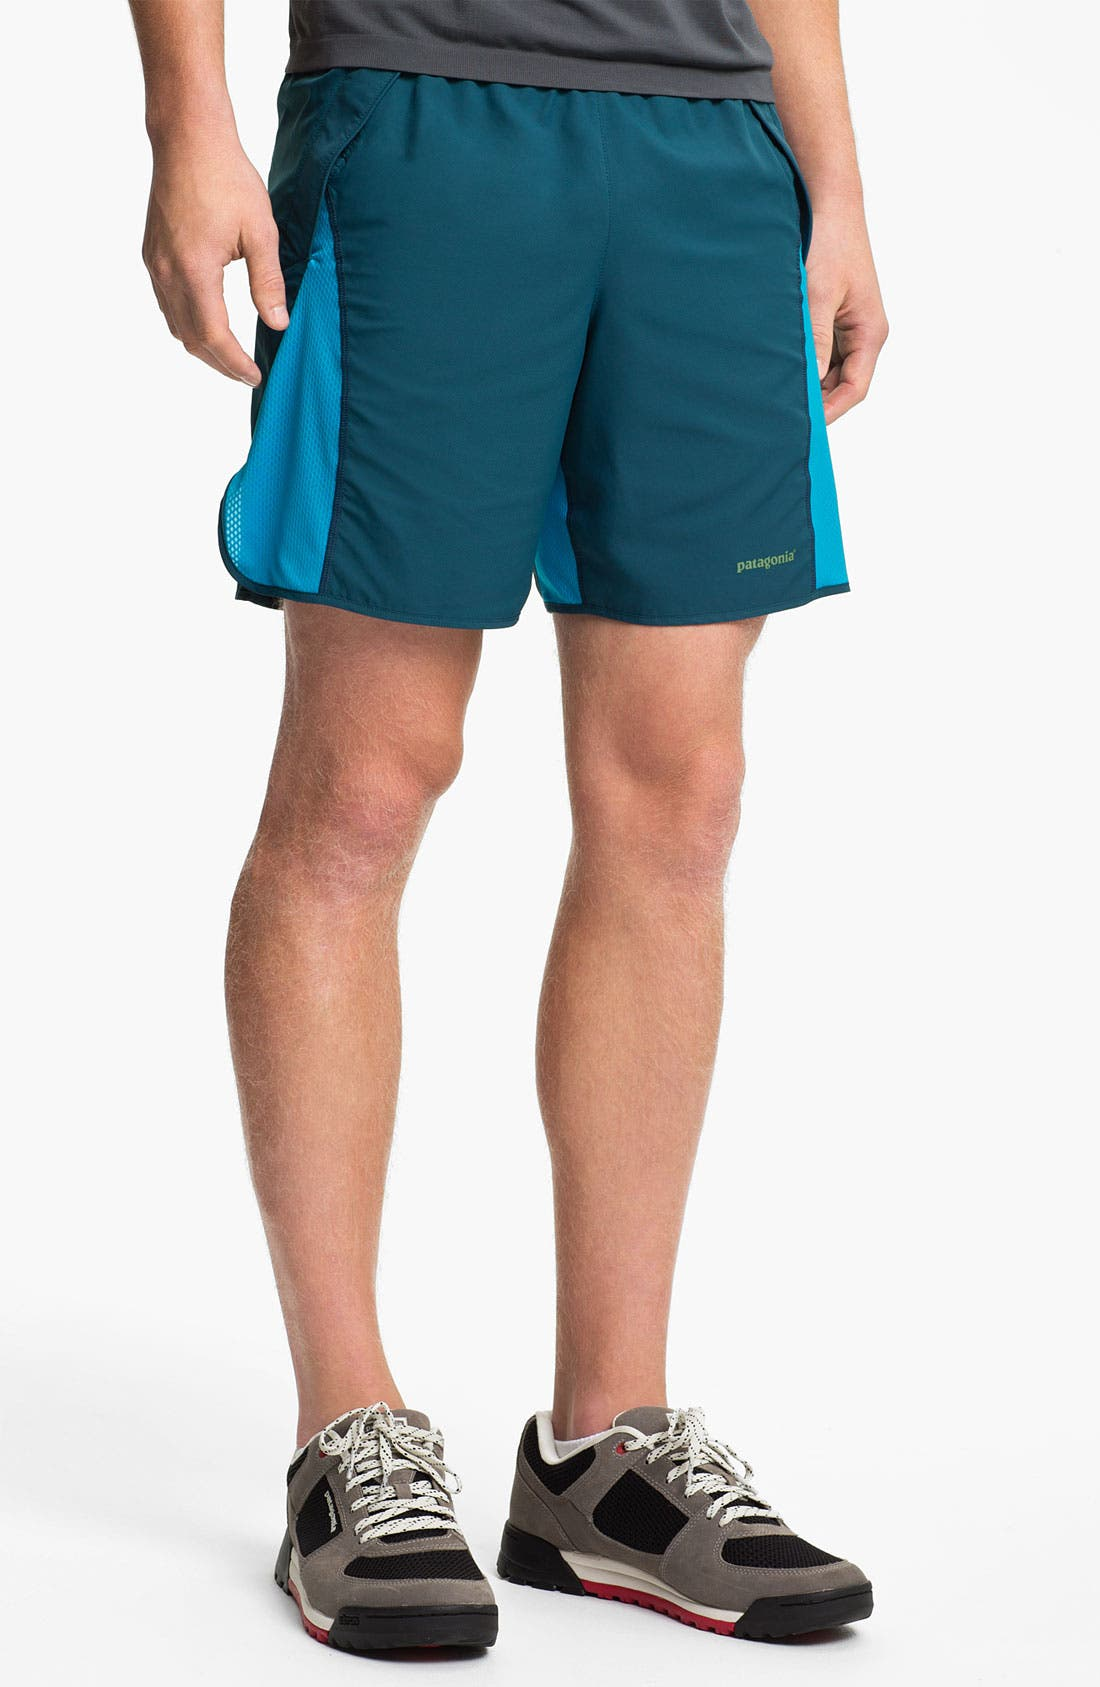 Main Image - Patagonia 'Trail Chaser' Shorts